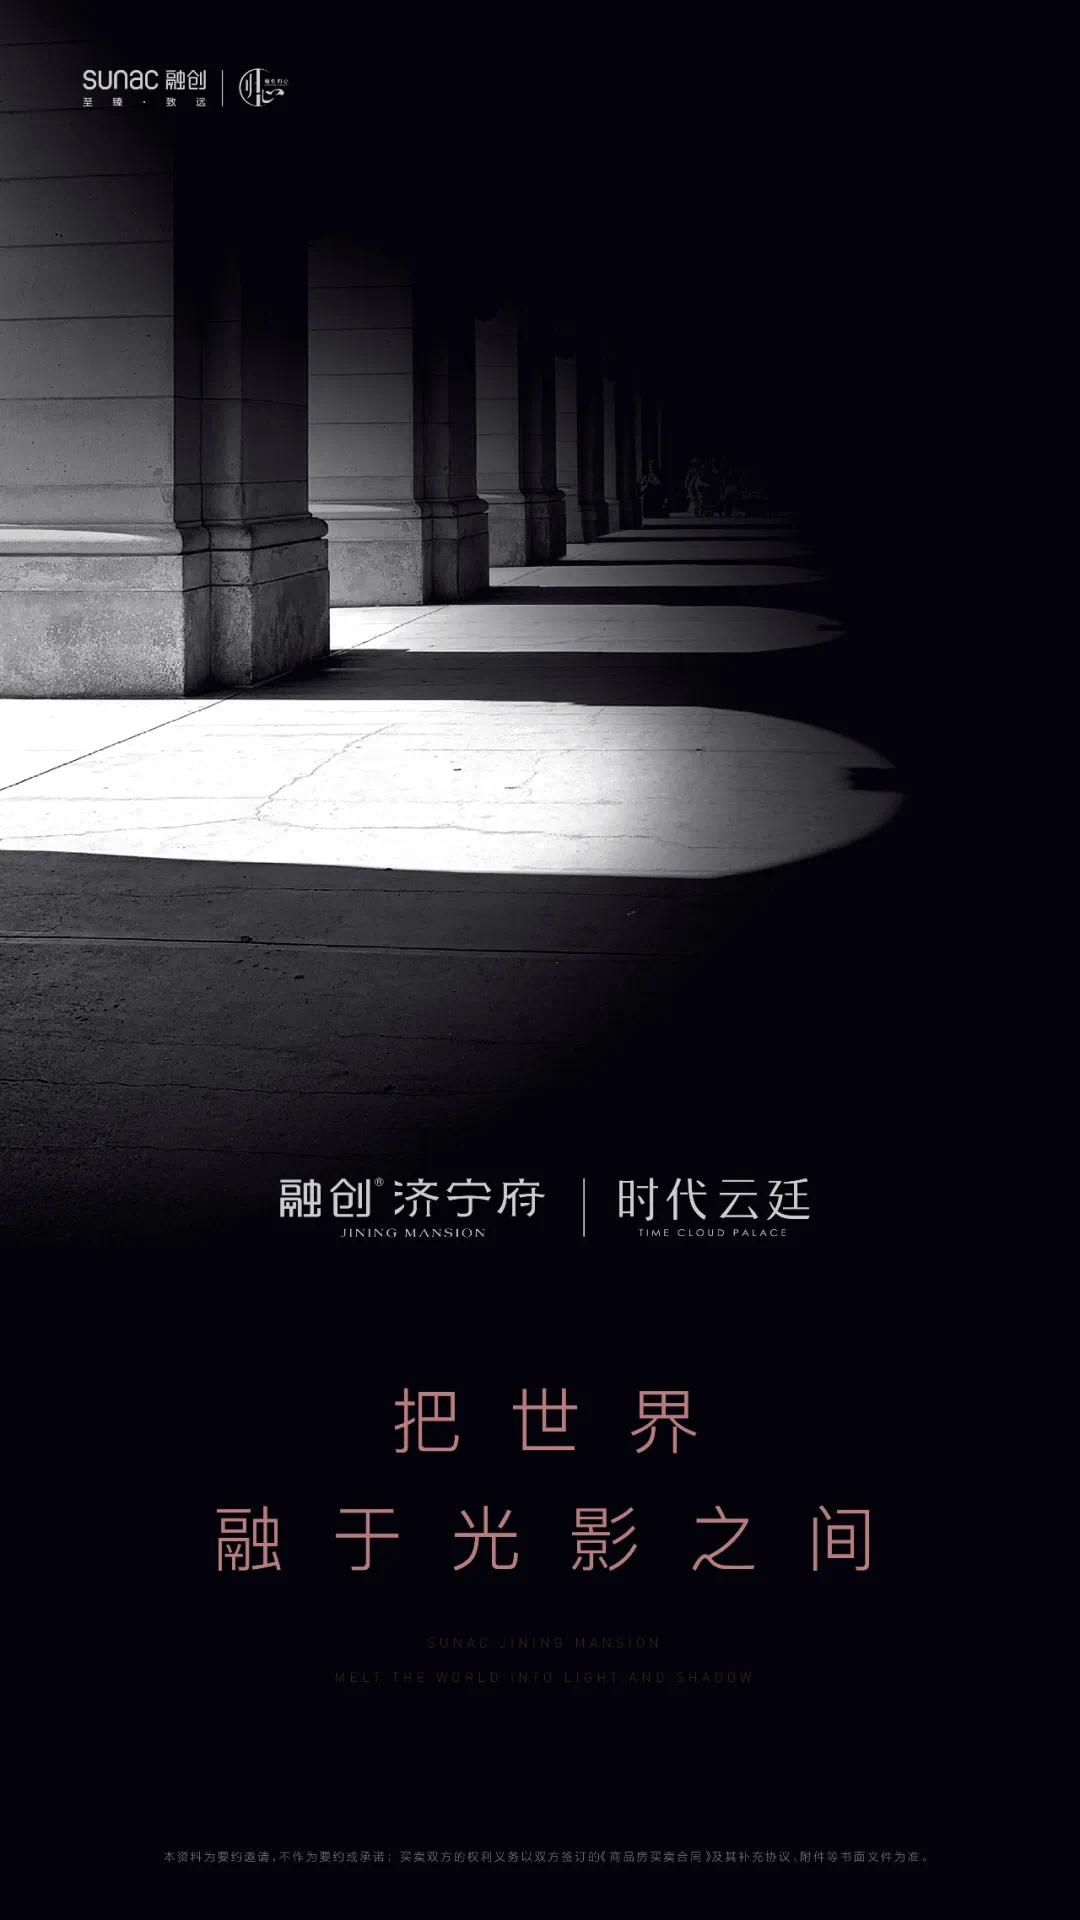 融创济宁府:时代云廷,在光影交融之间仰望时代新作